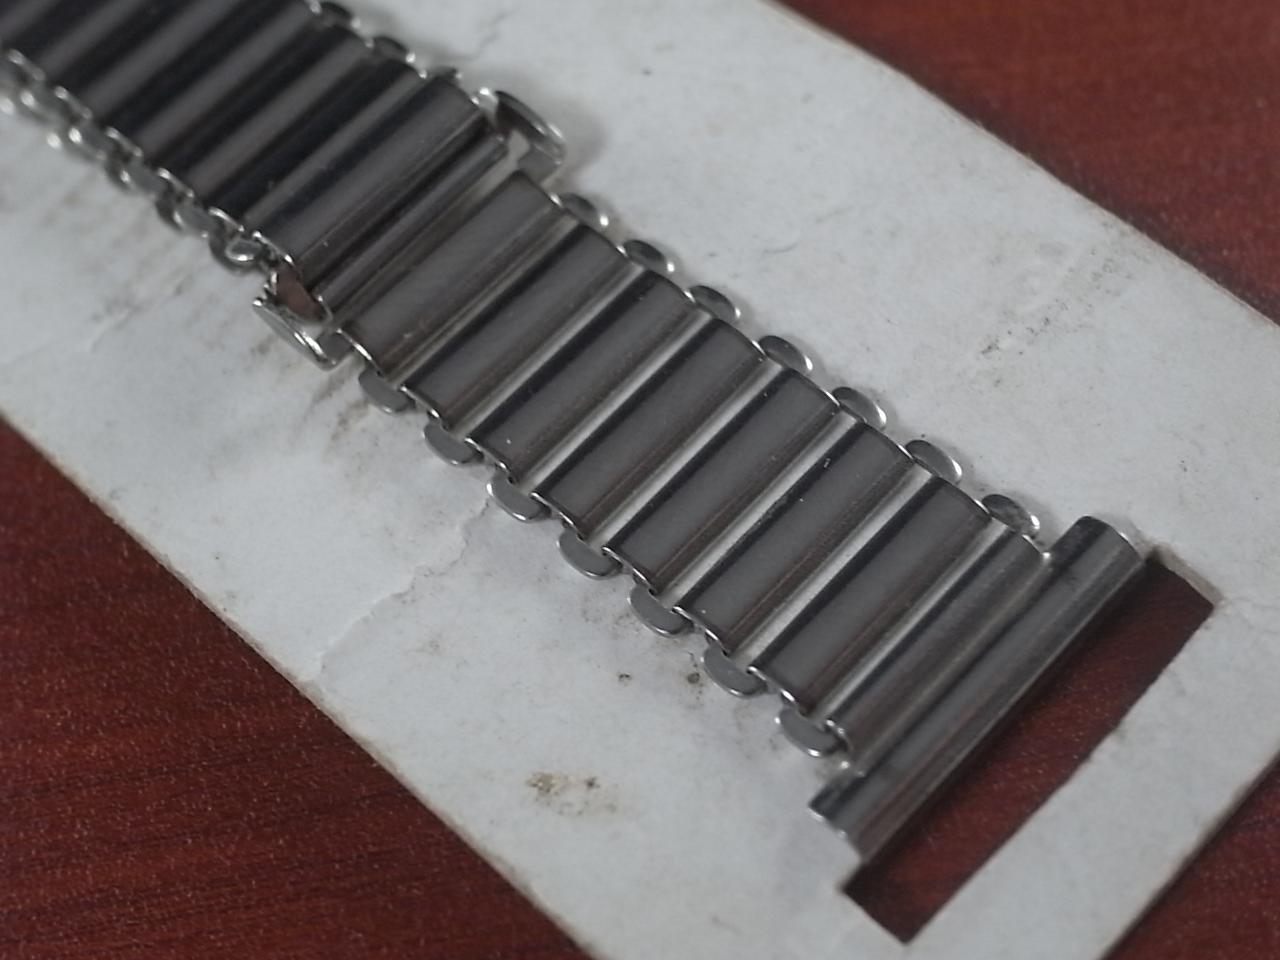 ボンクリップ バンブーブレス 筆記体ロゴ 未使用 N.O.S. 13mmタイプ 16mmの写真4枚目